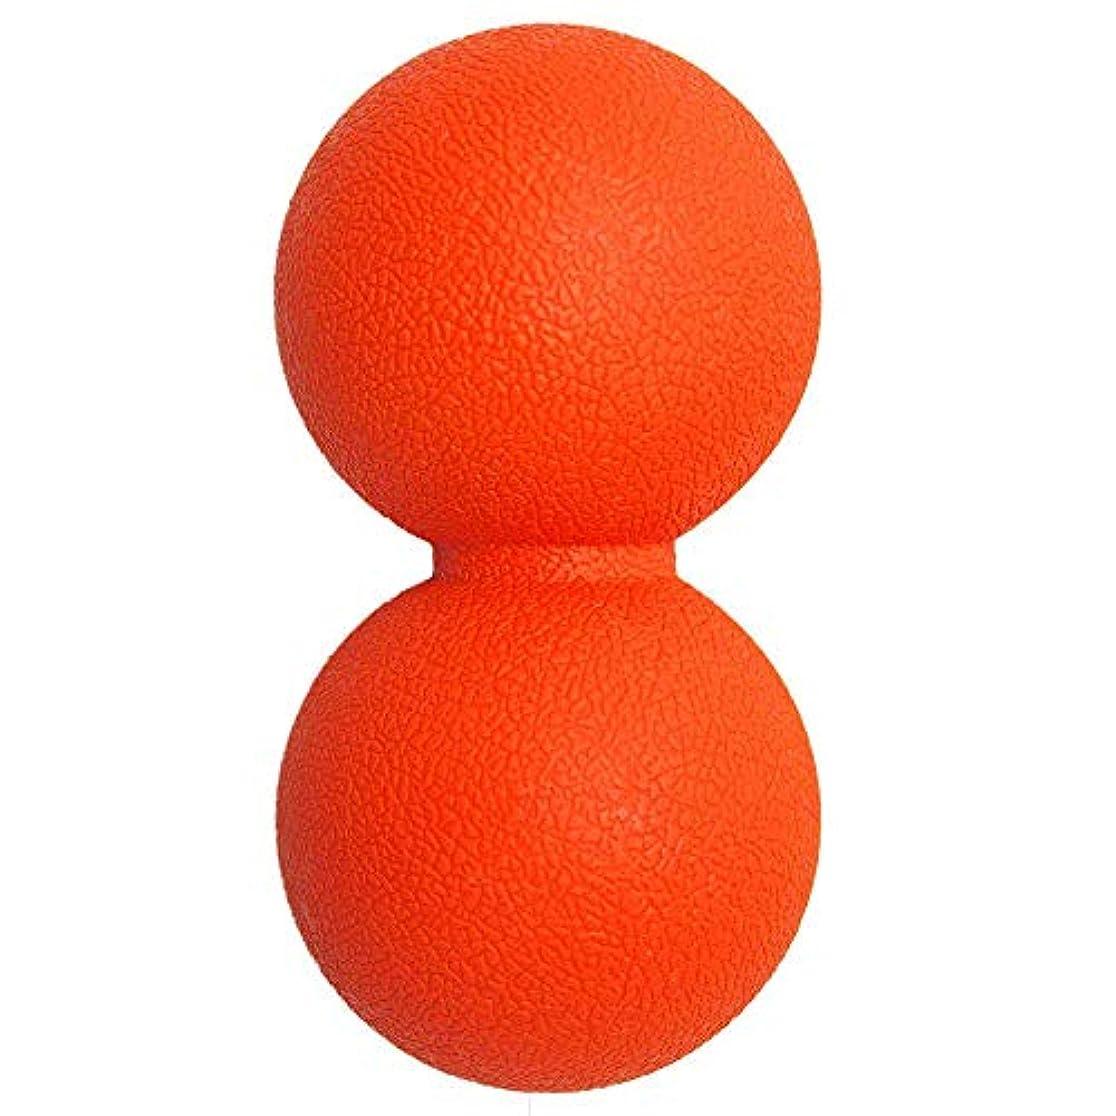 バーマドとは異なりカーテンマッサージボール 筋膜リリースストレッチボール 肩こり 腰 足裏ツボ押しグッズ 背中,オレンジ